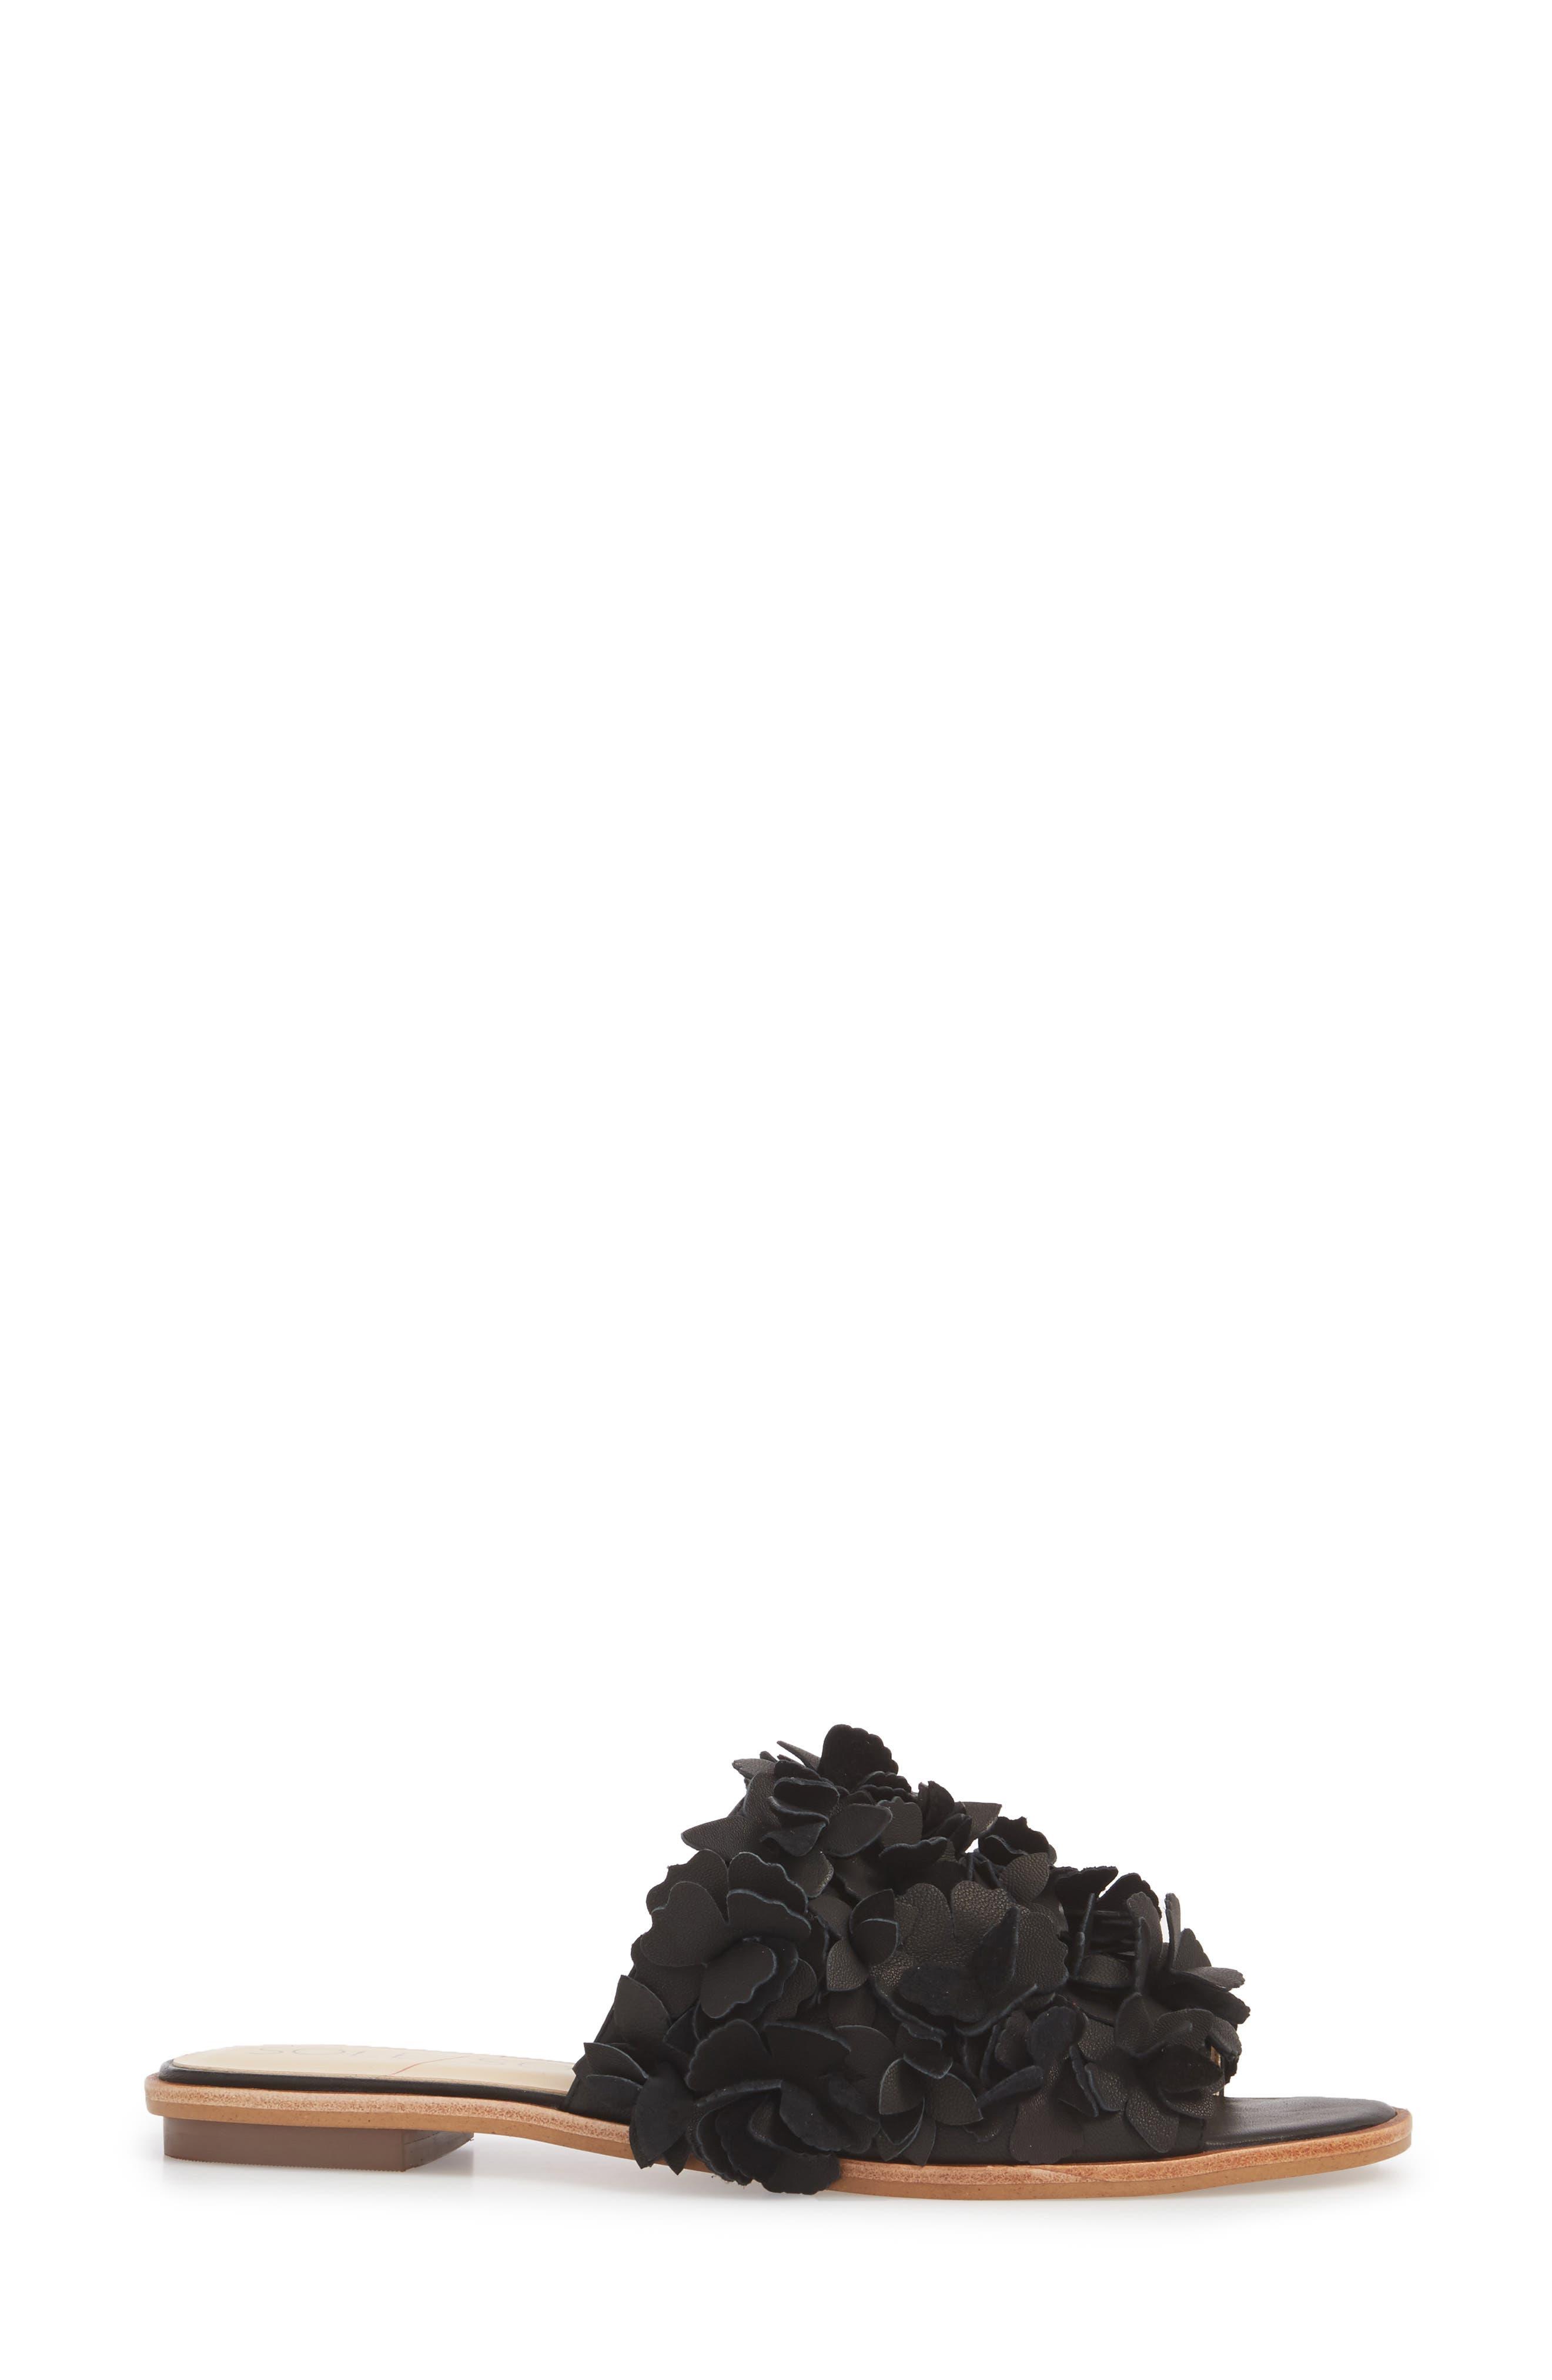 Caelyn Embellished Flat Sandal,                             Alternate thumbnail 3, color,                             BLACK